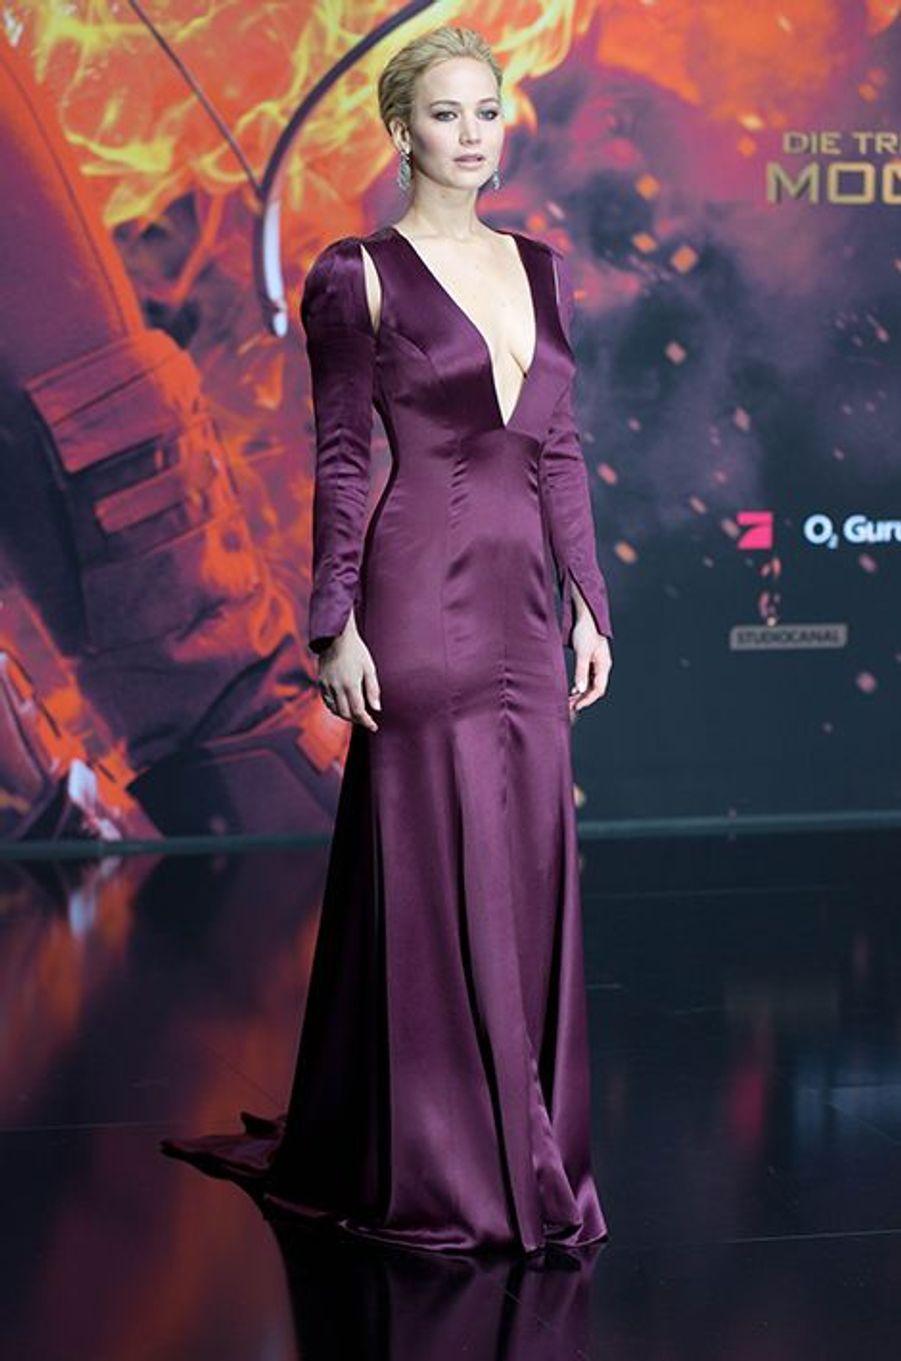 Lundi, la promotion mondiale du film «Hunger Games - La Révolte : Partie 2» s'achevait dans une ambiance décontractée - mais également très émue - au Microsoft Theater, à Los Angeles, en présence des nombreux acteurs de la franchise à succès. Propulsée au rang de star mondiale il y a maintenant trois ans grâce à cette saga, Jennifer Lawrence a attiré toute l'attention des caméras au cours des dernières semaines. Égérie de la maison Dior depuis 2012, la comédienne de 25 ans a brillé à chacune de ses apparitions, alternant pour des tenues sobres, (trop) classiques ou parfois même très sexy.Pour fouler le tapis rouge du 16 novembre et boucler ce marathon mode en beauté, la célèbre blonde avait choisi une longue robe blanche signée Christian Dior Couture. L'ex-compagne du comédien Nicholas Hoult avait également opté pour une mise en beauté efficace, parant ses lèvres de rouge vif et glissant un épais trait d'eyeliner pour souligner son regard.Lors de son passage dans la capitale française, l'actrice oscarisée avait déçu. Pour l'avant-première organisée au Grand Rex de Paris, elle avait ainsi jeté son dévolu sur une création champêtre, également créé par la maison dont elle est l'ambassadrice. Les cheveux relevés en des petites tresses discrètes, Jennifer Lawrence s'était toutefois rattrapée dès le lendemain, lors de son arrivée à Madrid. Alors qu'elle avait choisi Mugler pour la conférence de presse, elle avait subjugué ses fans le soir venu en optant pour une robe noire en dentelle de la griffe Ralph Lauren Collection.Découvrez ci-dessus notre diaporama et votez pour votre tenue préférée